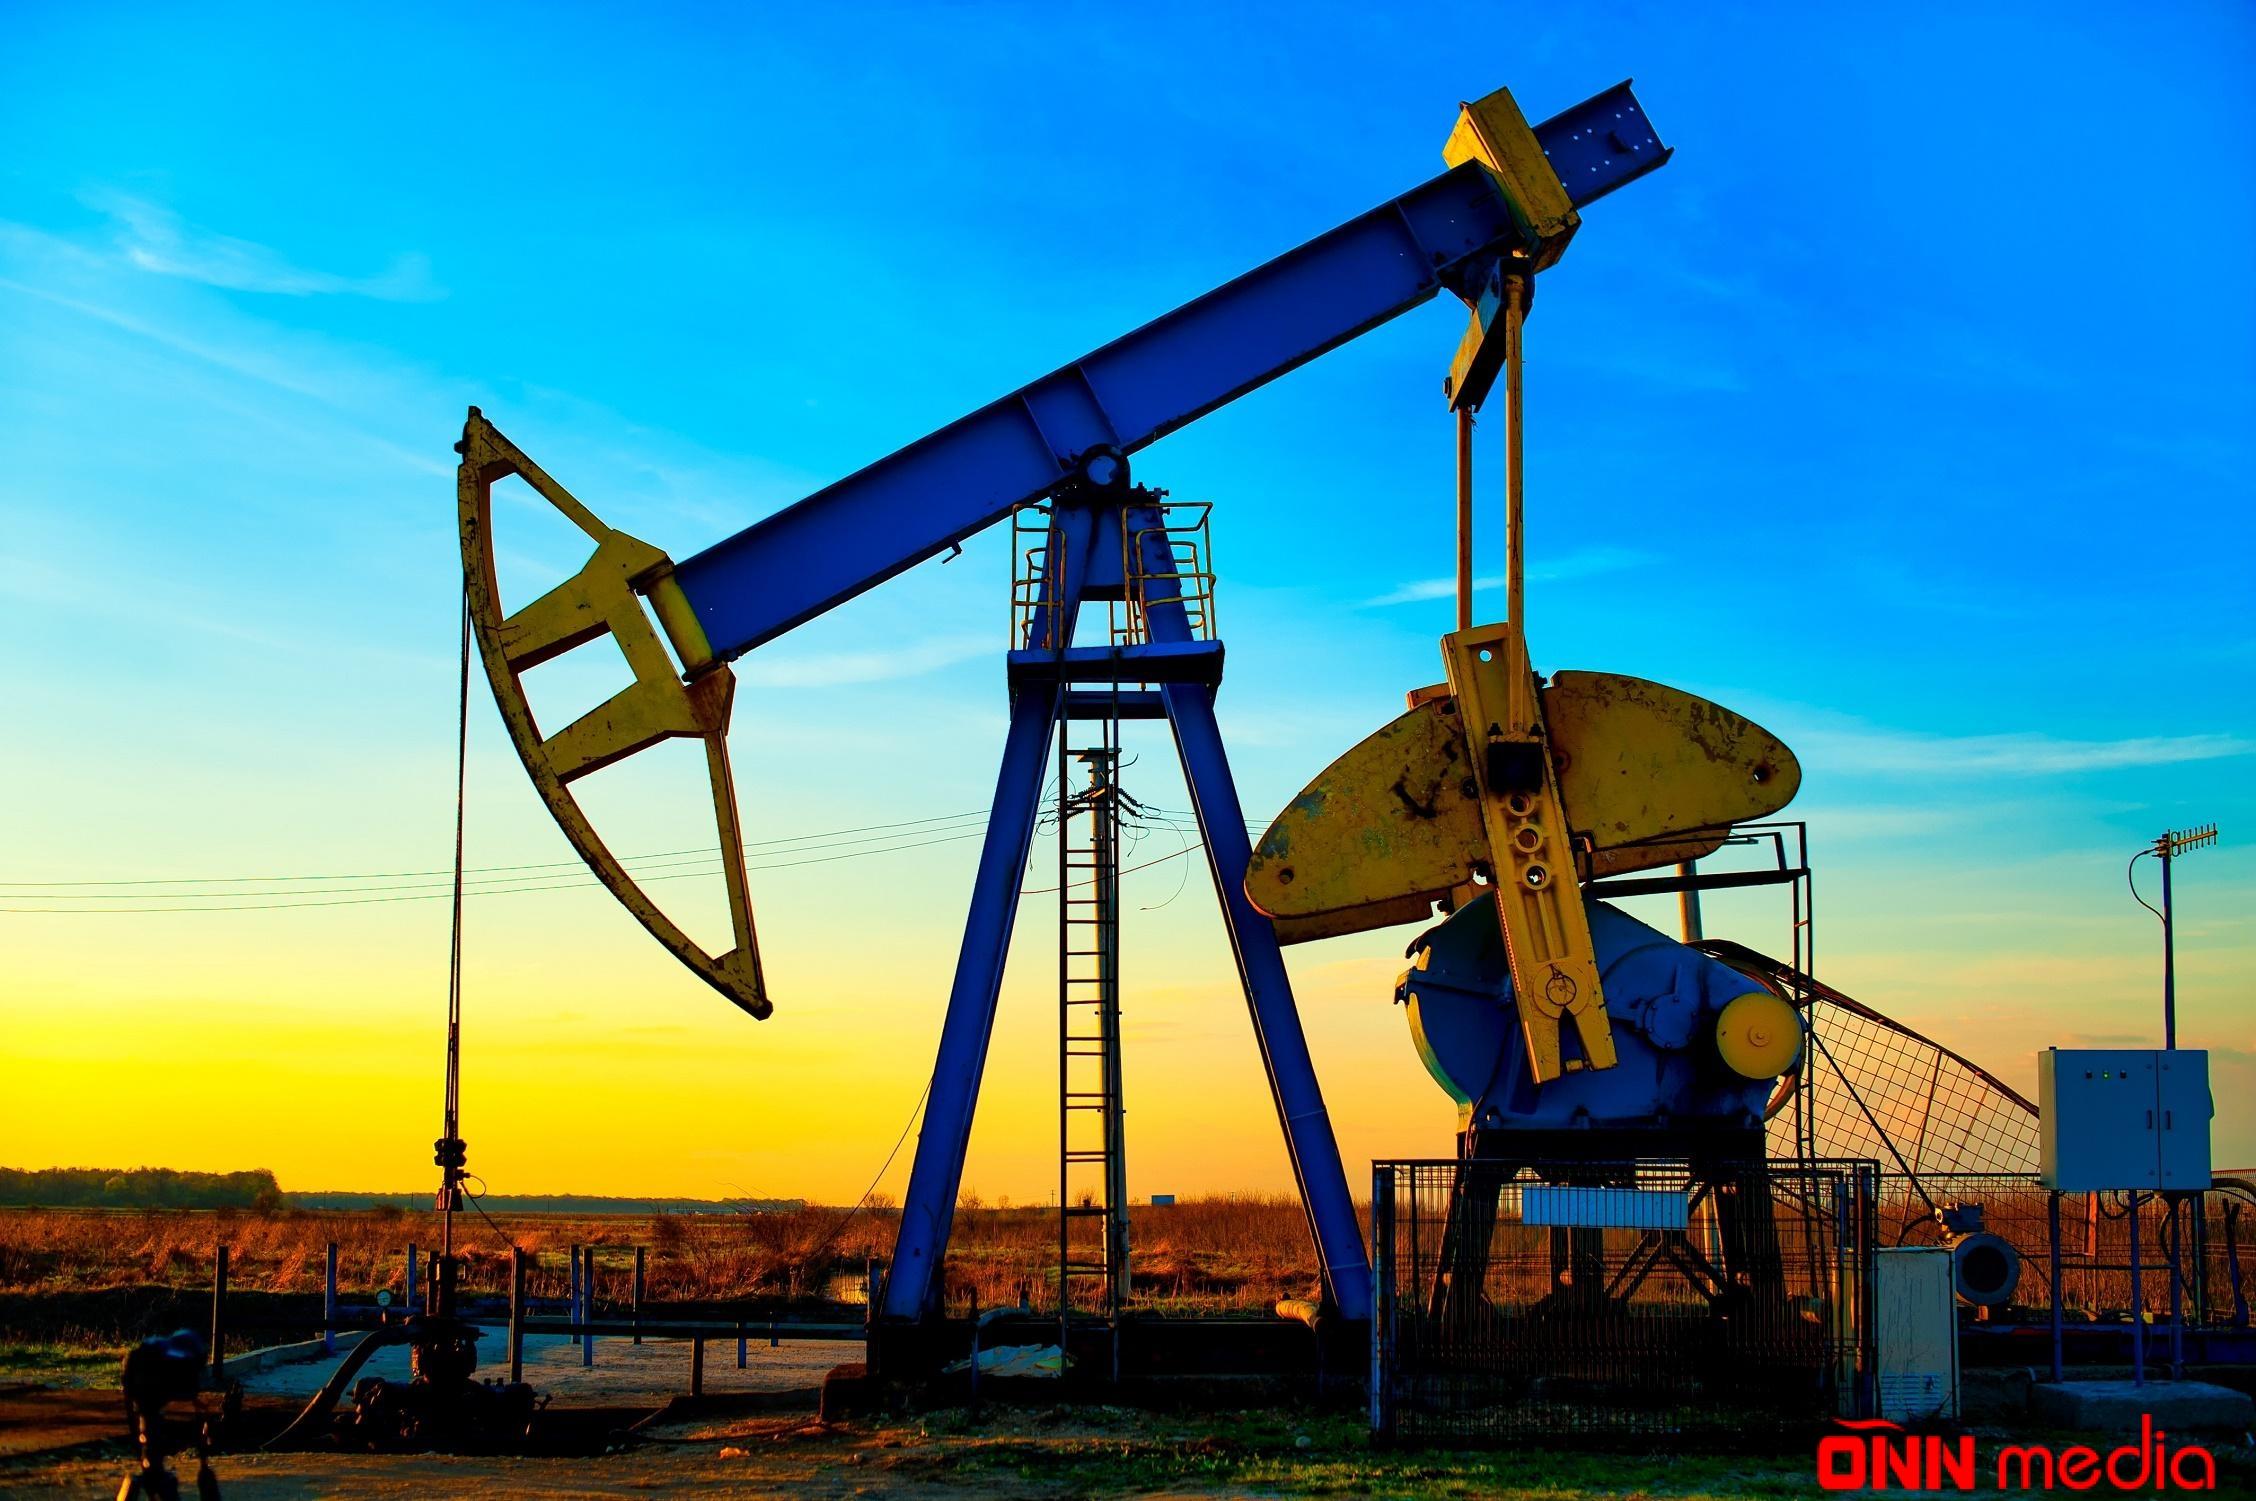 Azərbaycan neftinin qiyməti ilə bağlı XƏBƏR VAR